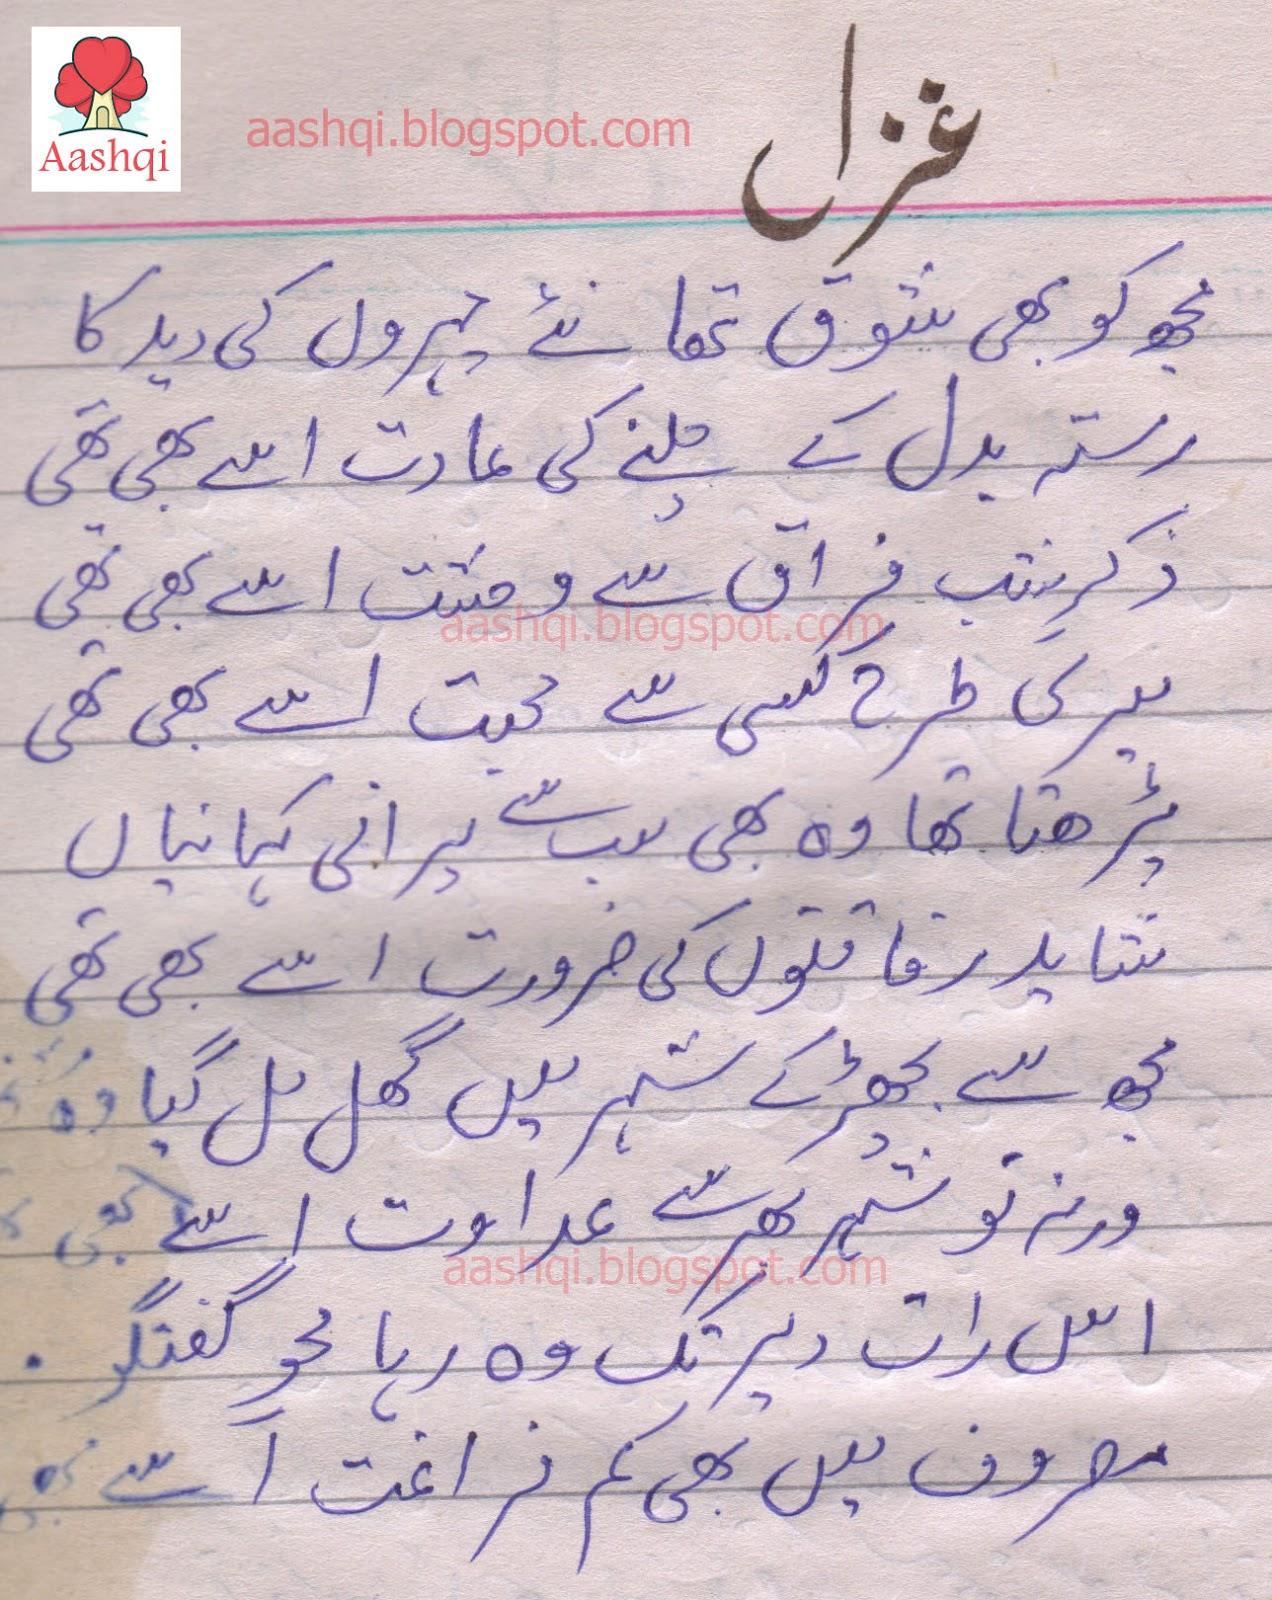 jpeg 401kB, Urdu Poetry Perveen Shakir Hand written poetry by parveen ...